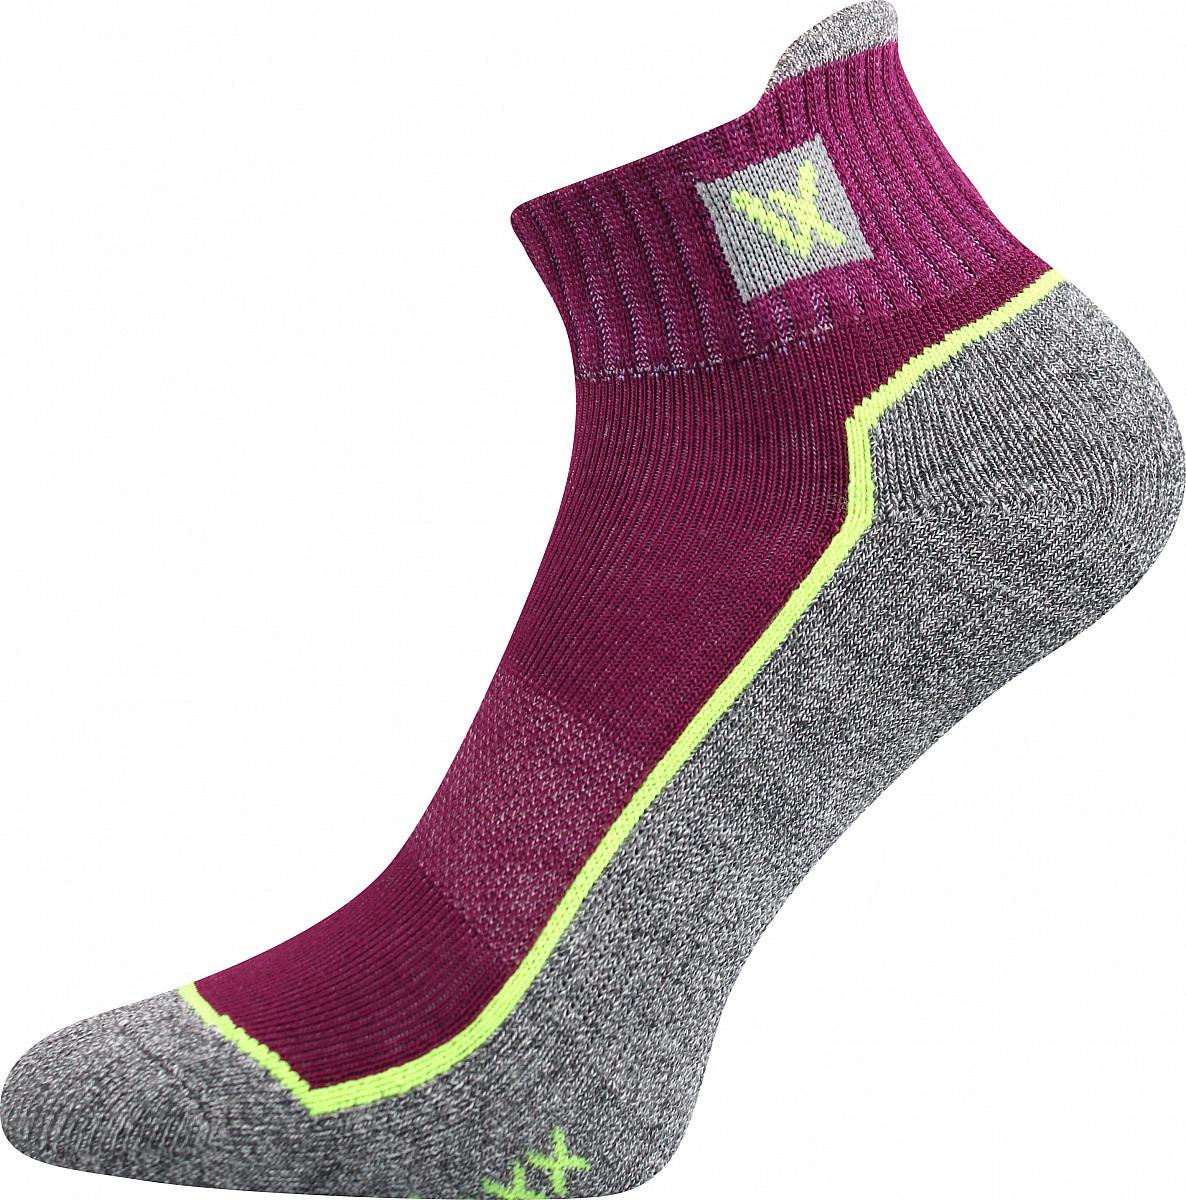 VoXX Ponožky Nesty fuxia - 35-38